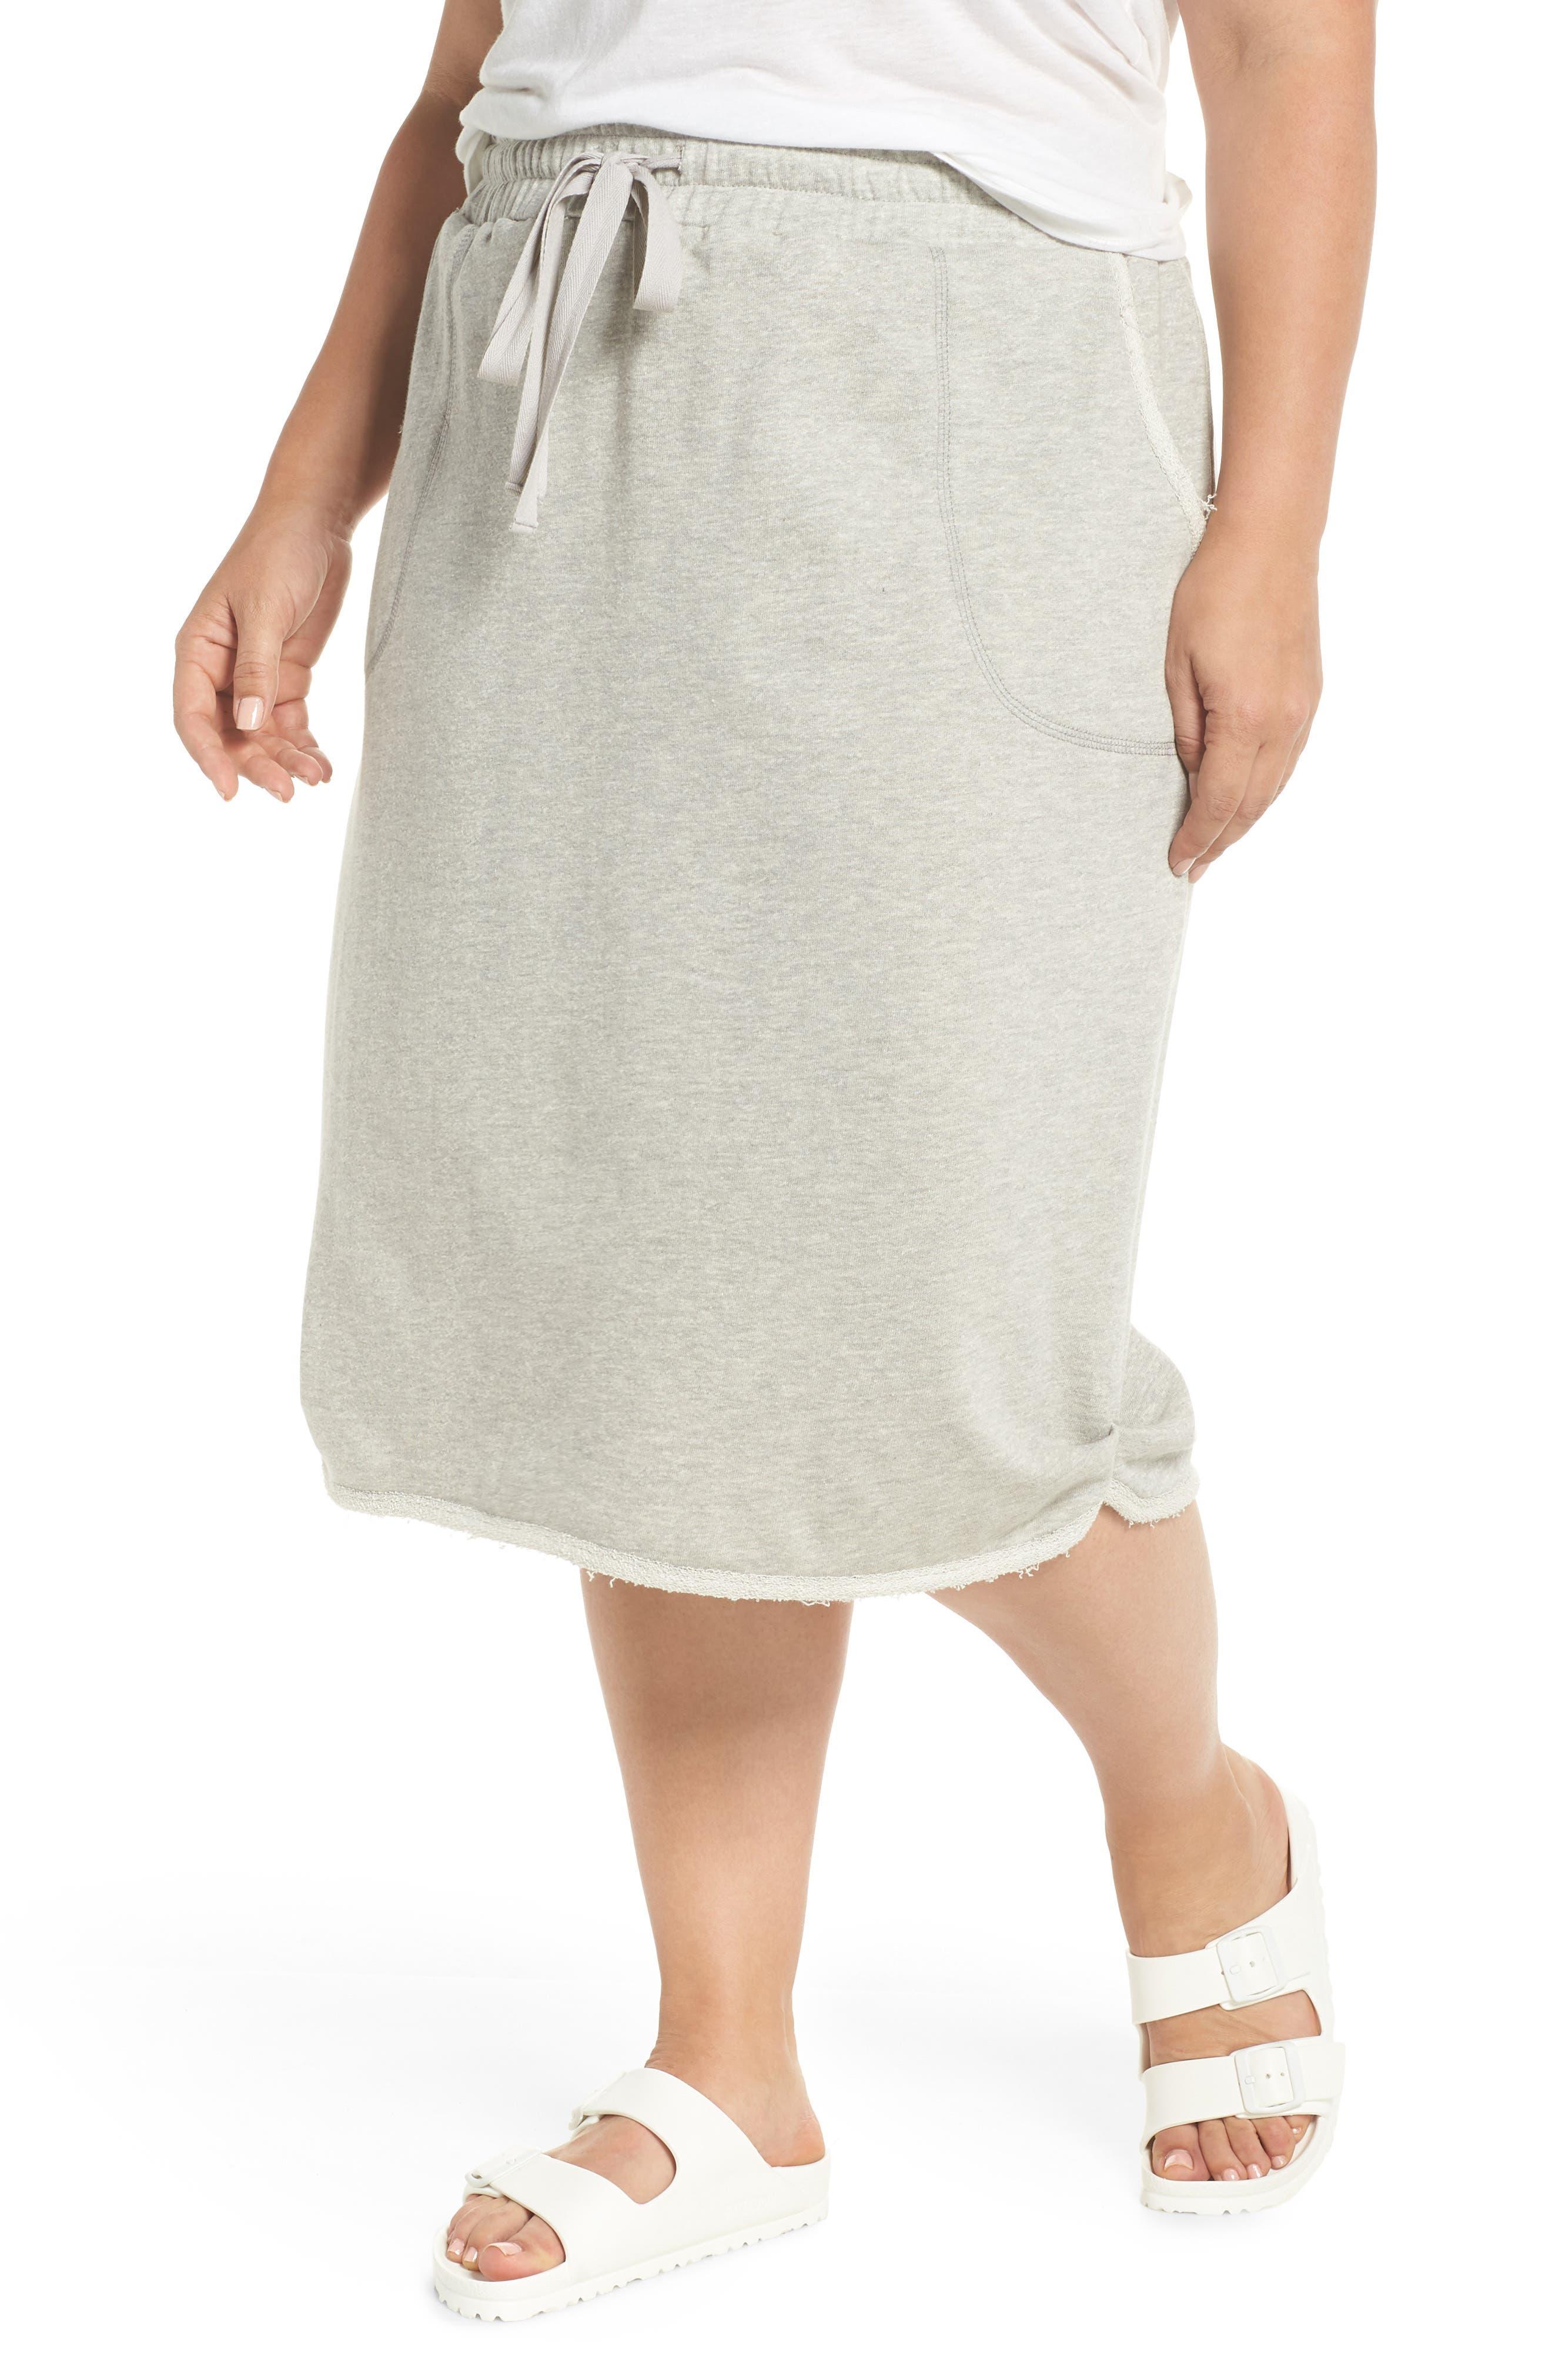 Drawstring Knit Skirt,                             Main thumbnail 1, color,                             Grey Heather